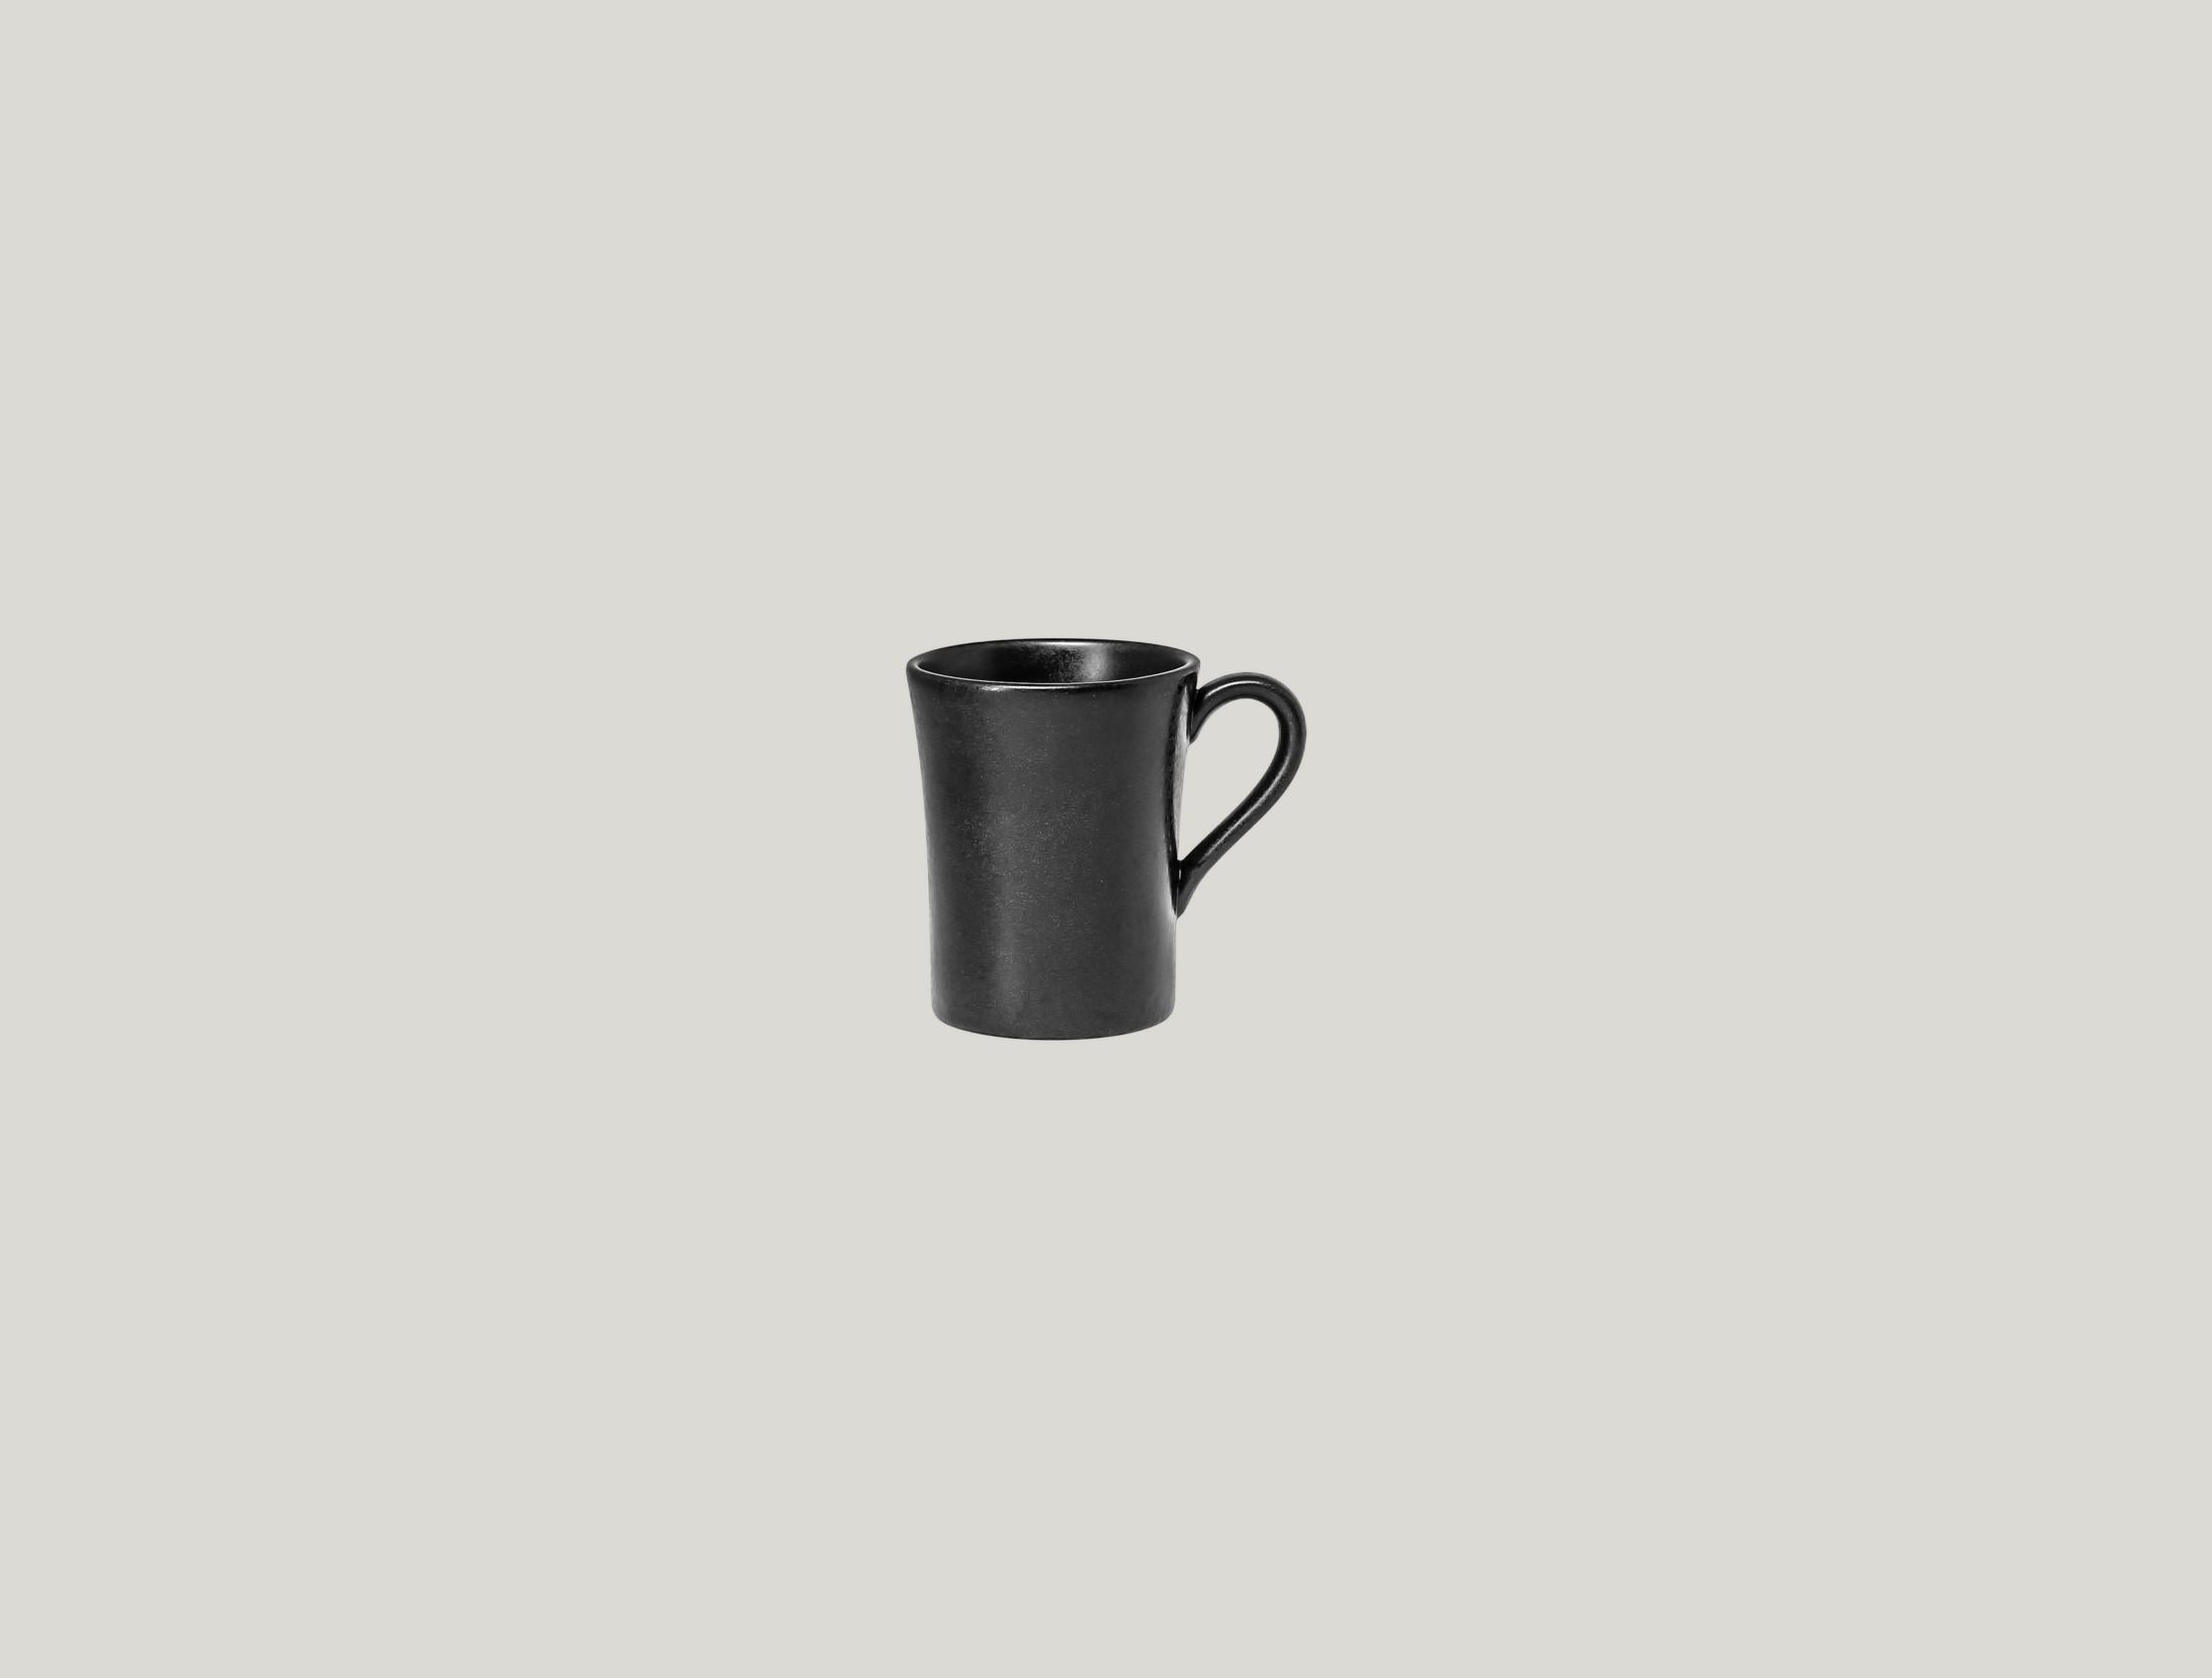 Šálek na espresso 9 cl - černá